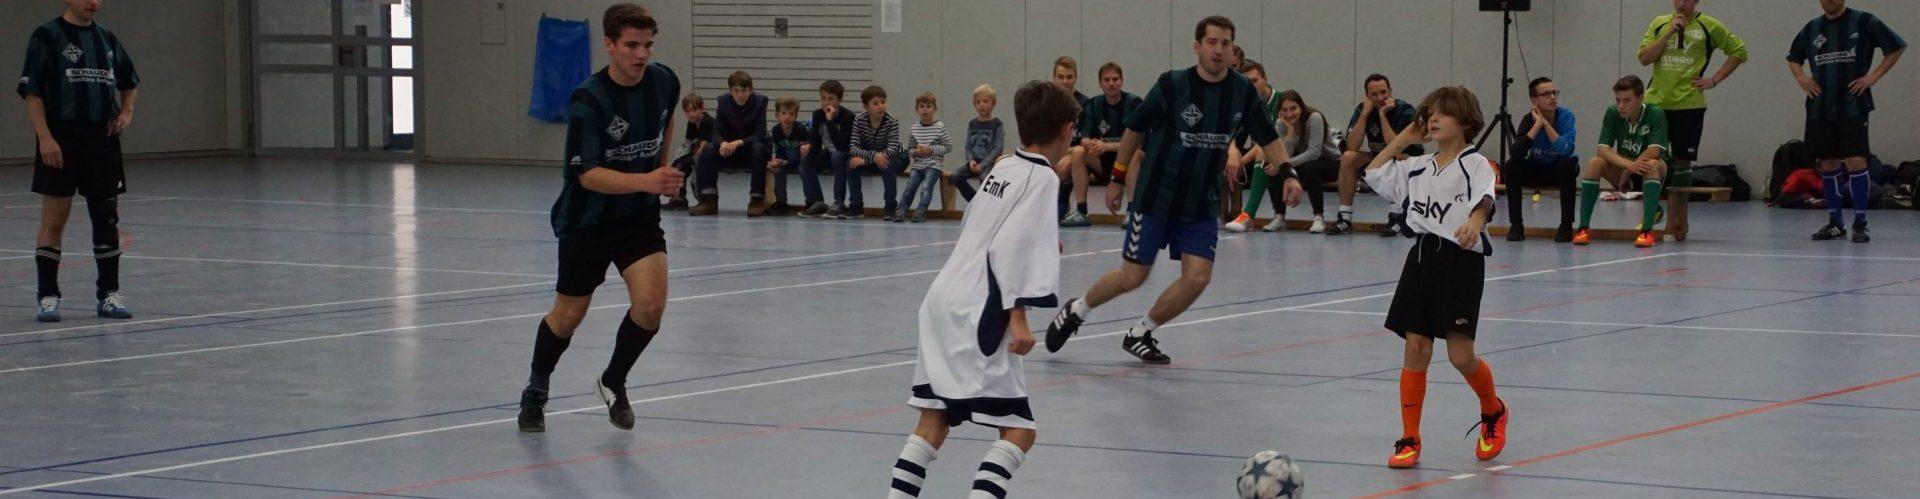 Jungscharsport (UDEON)